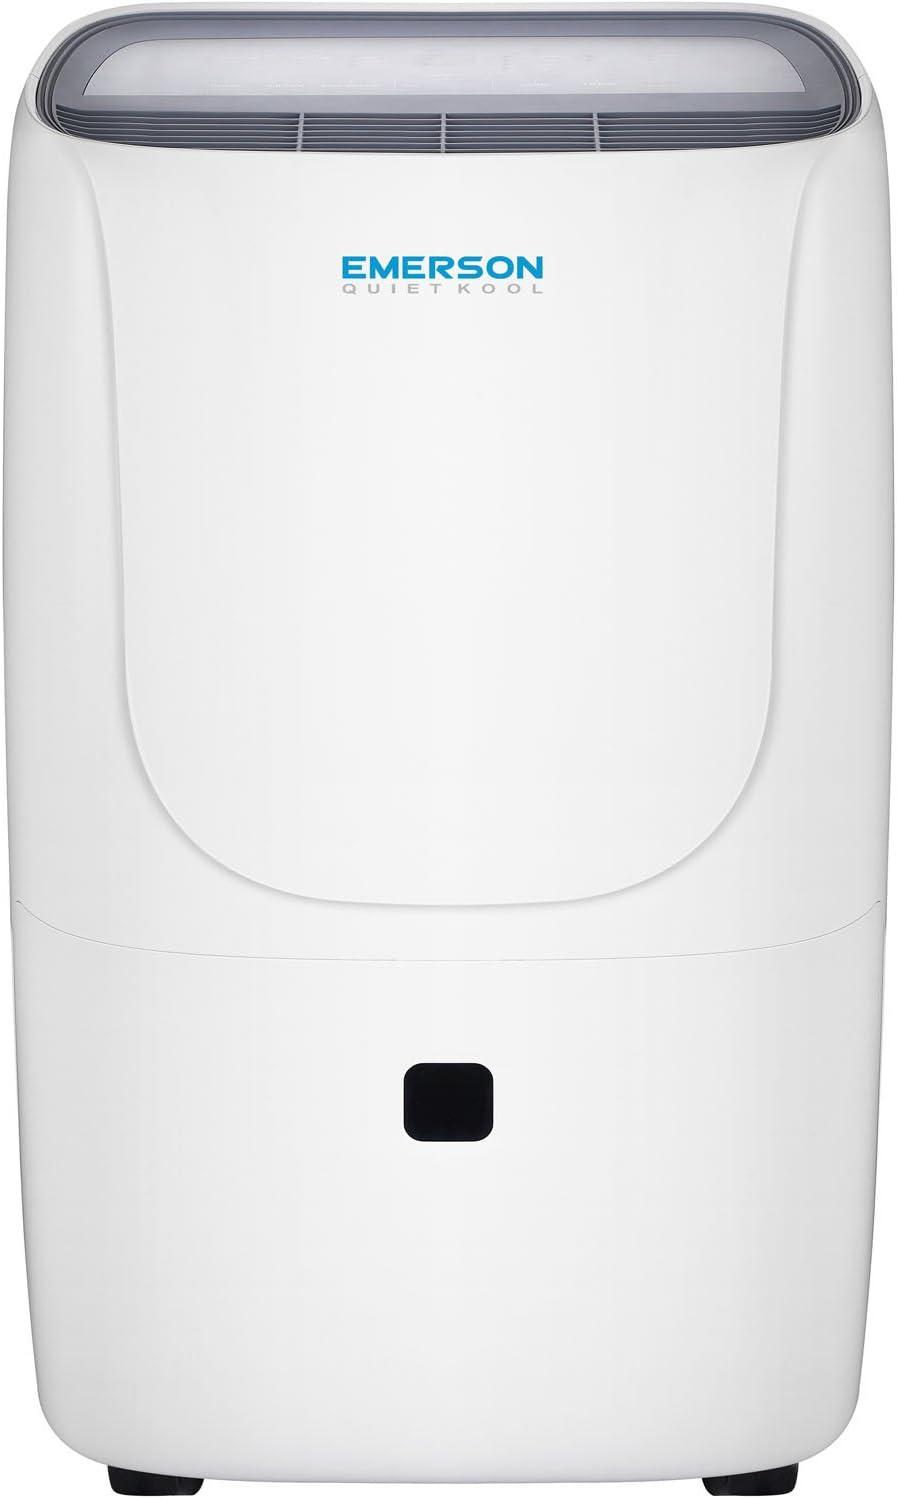 Emerson Quiet Kool 30-Pint Dehumidifier, EAD30E1, White